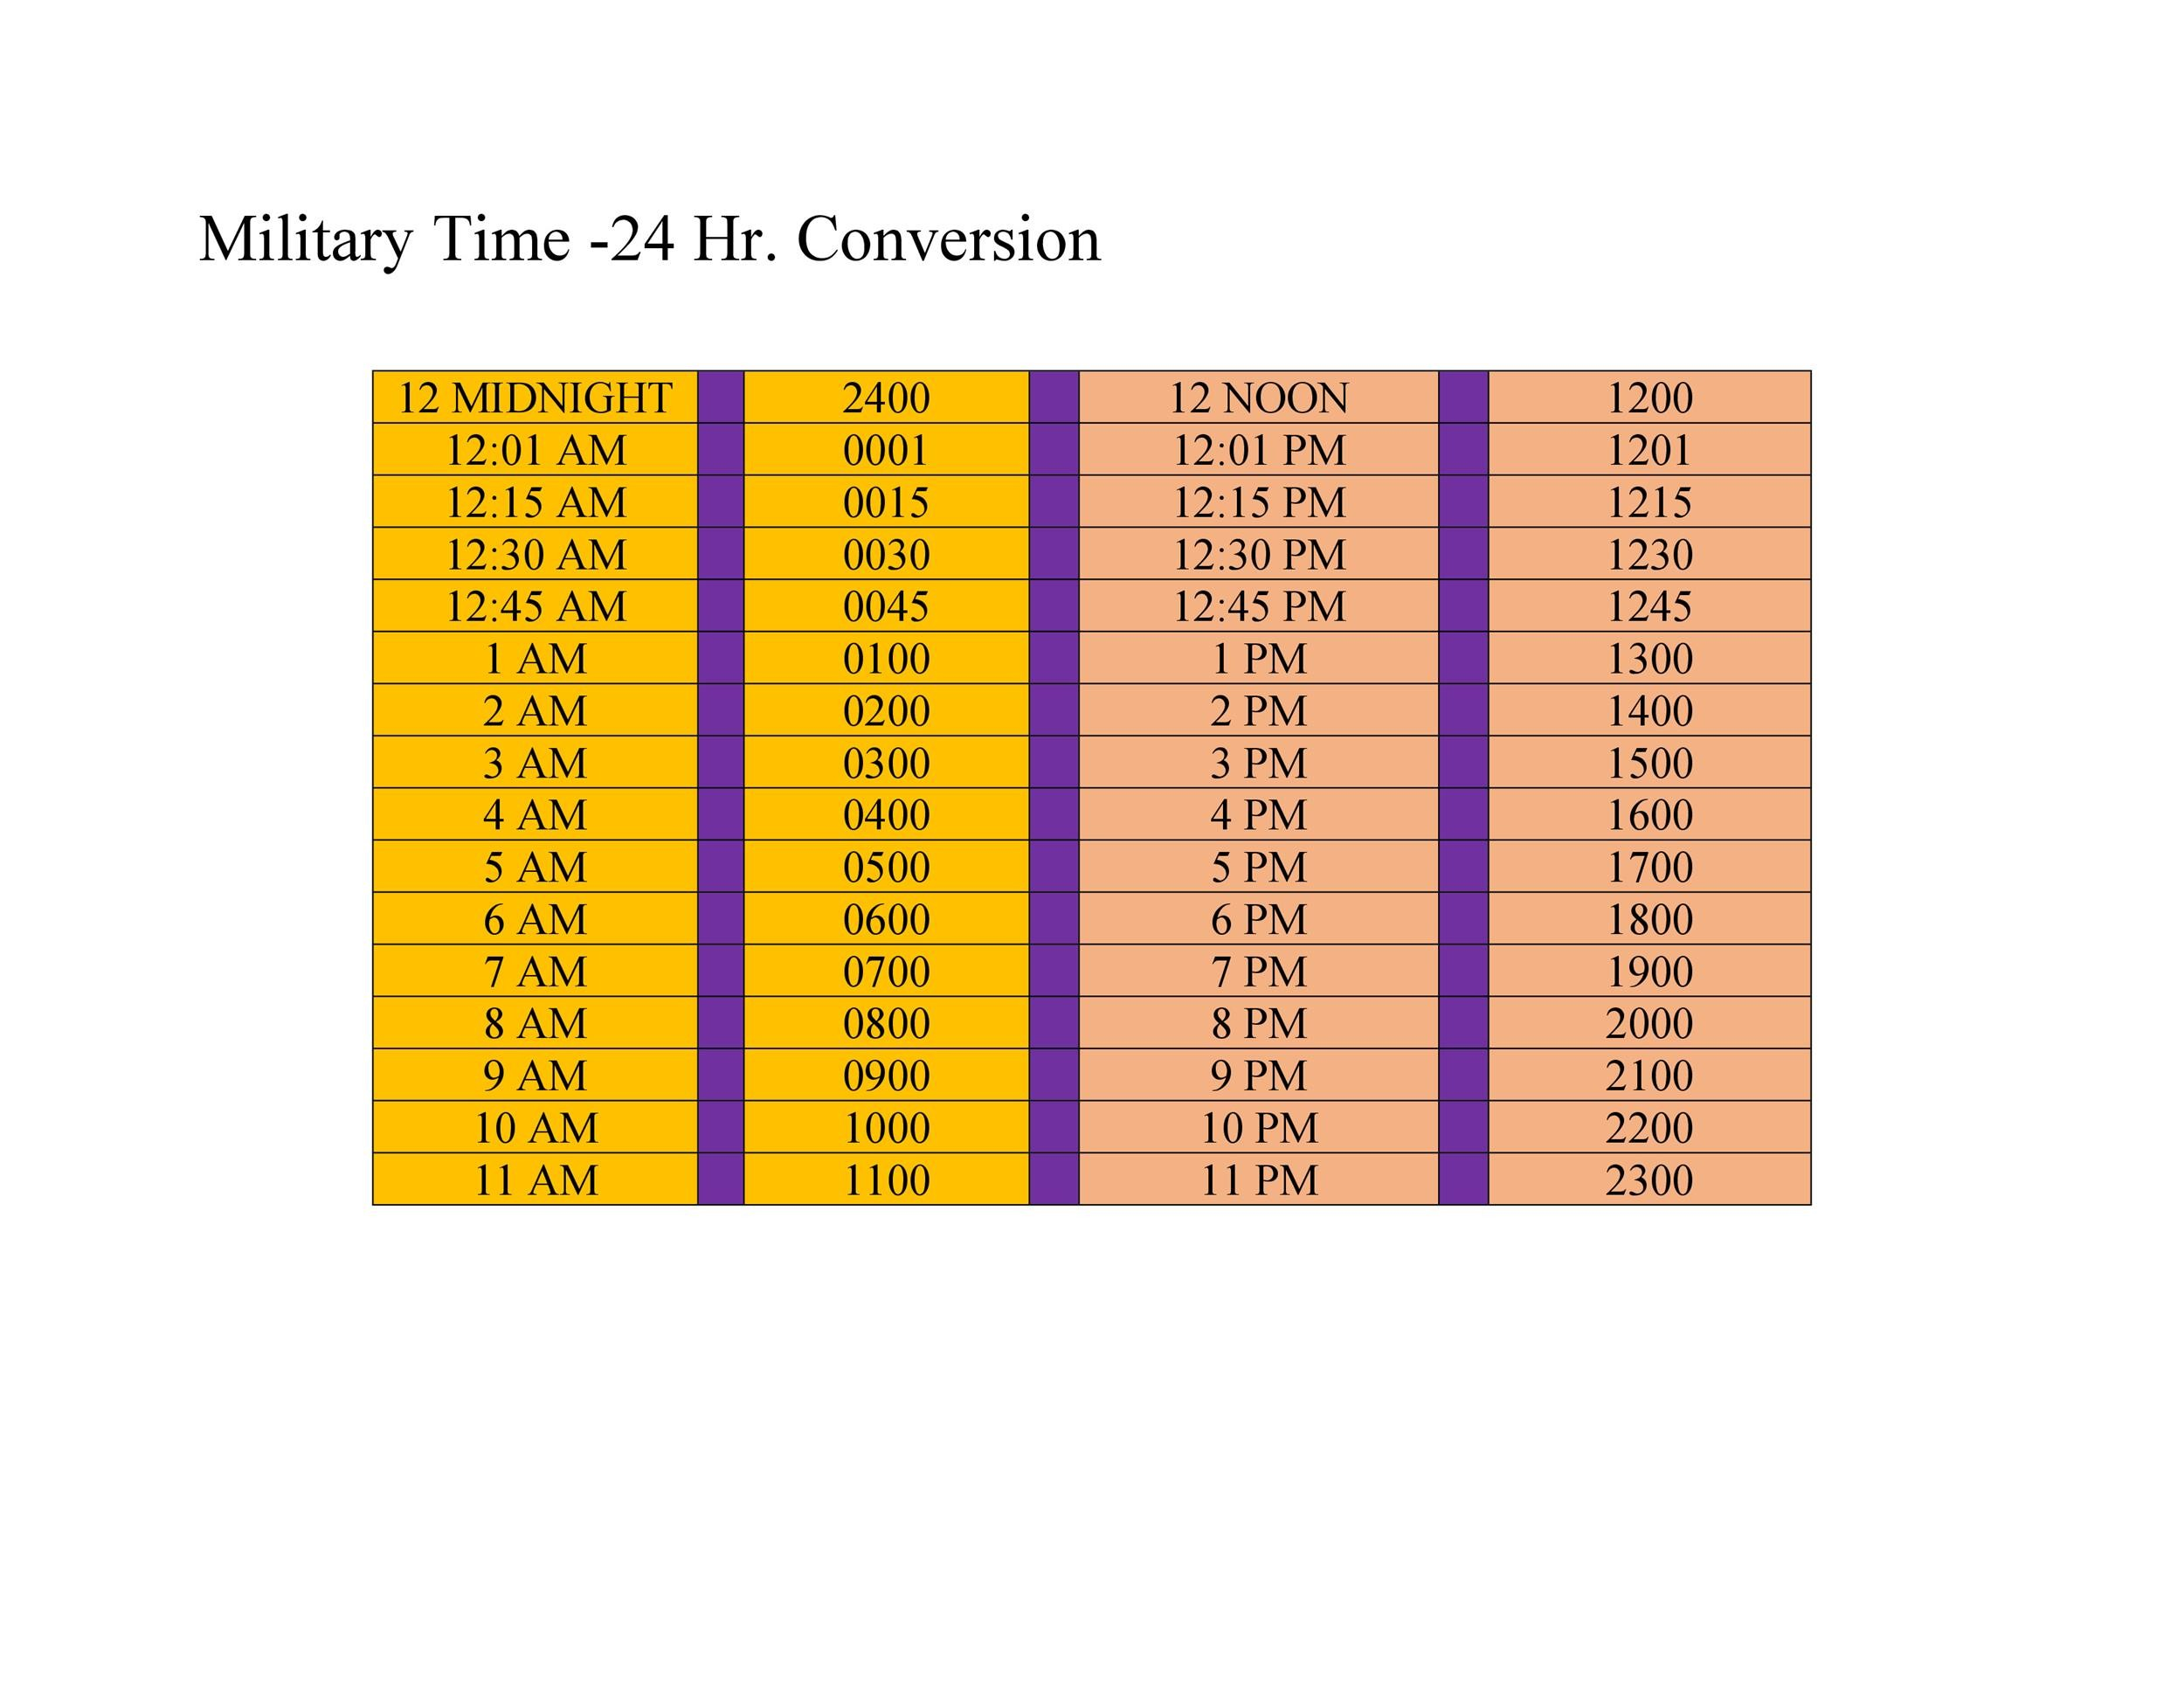 30 Printable Military Time Charts Templatelab